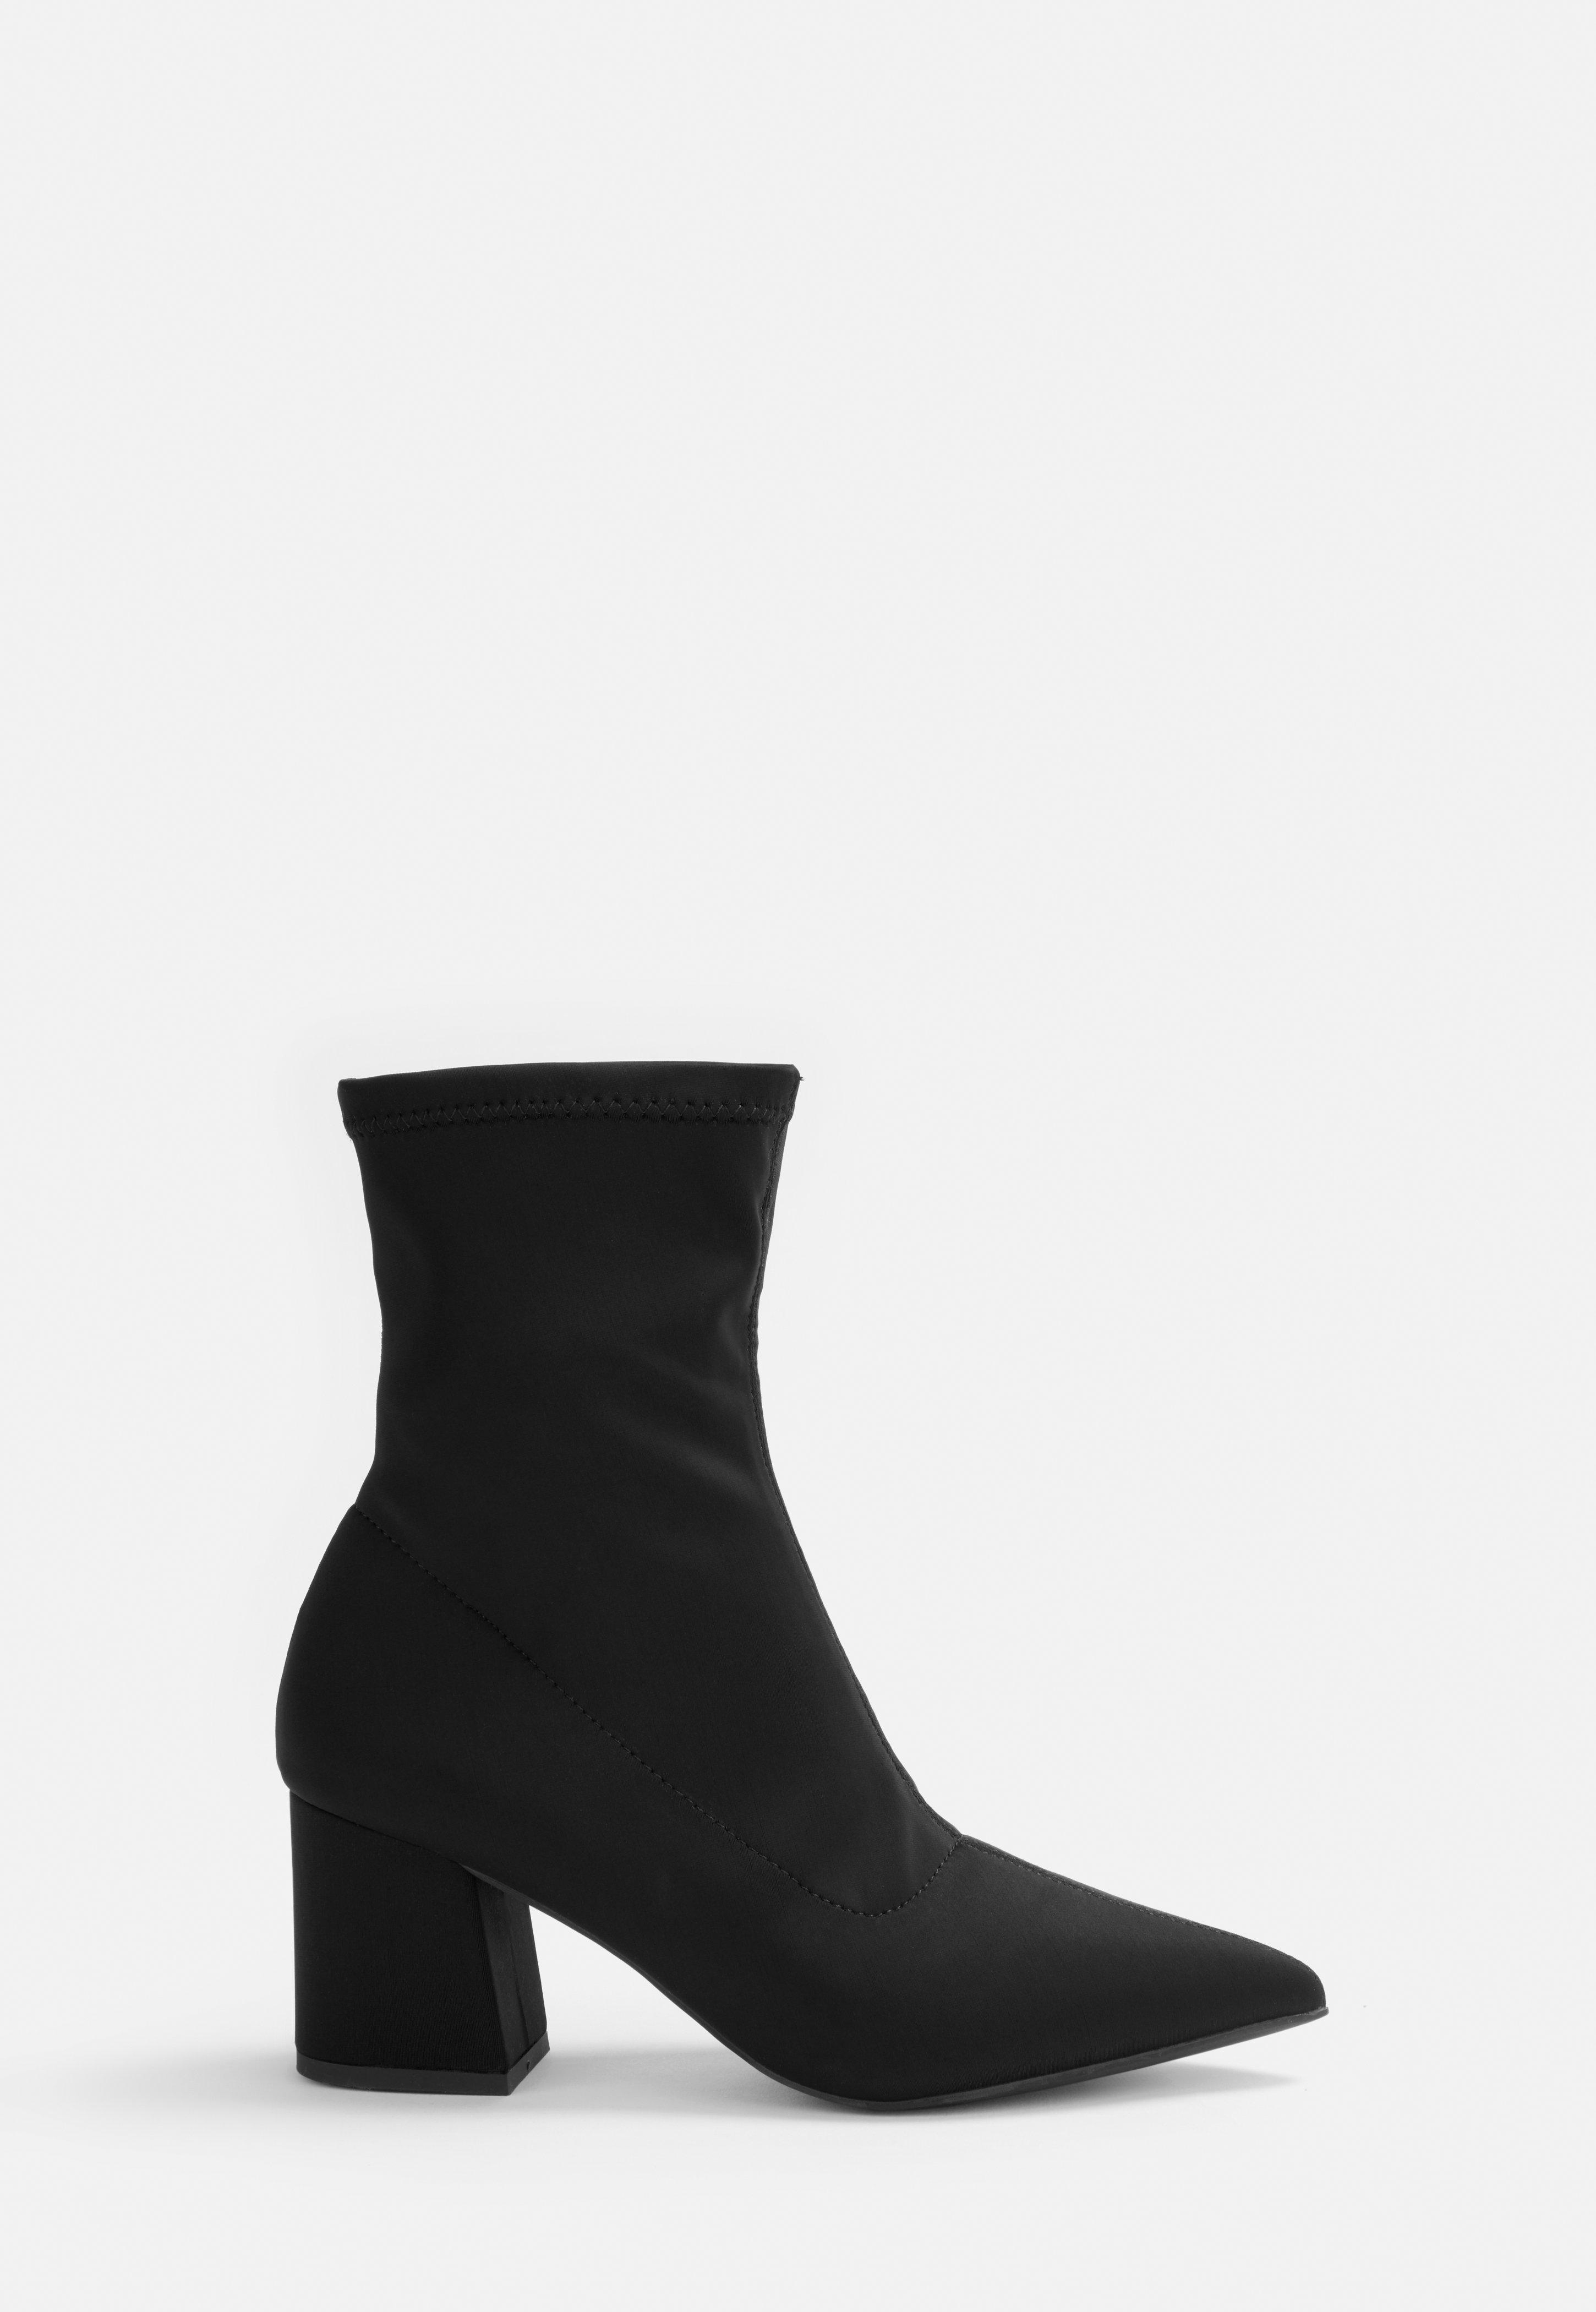 en soldes b3d8f 59f91 Bottines chaussettes pointues noires